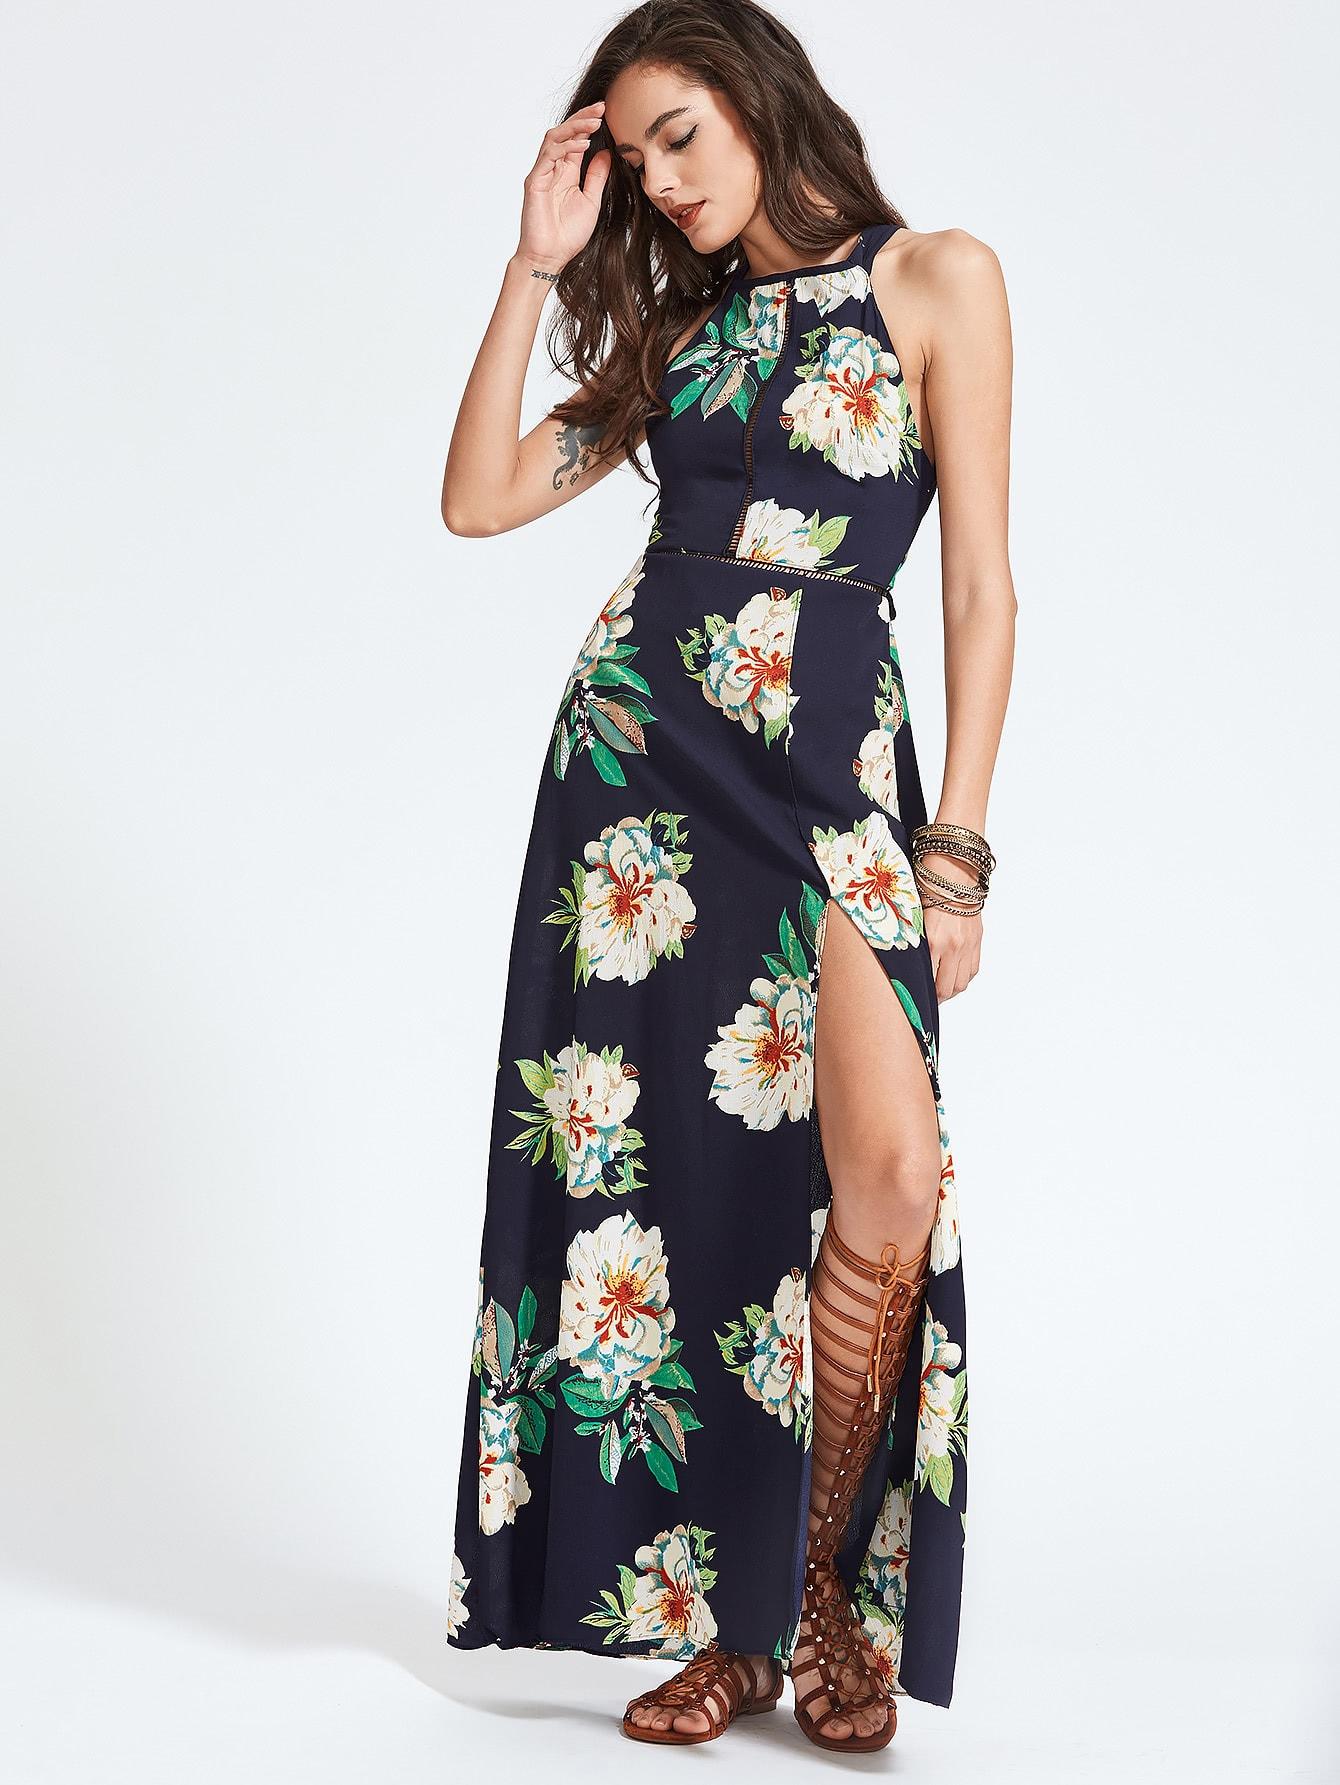 dress170306106_2